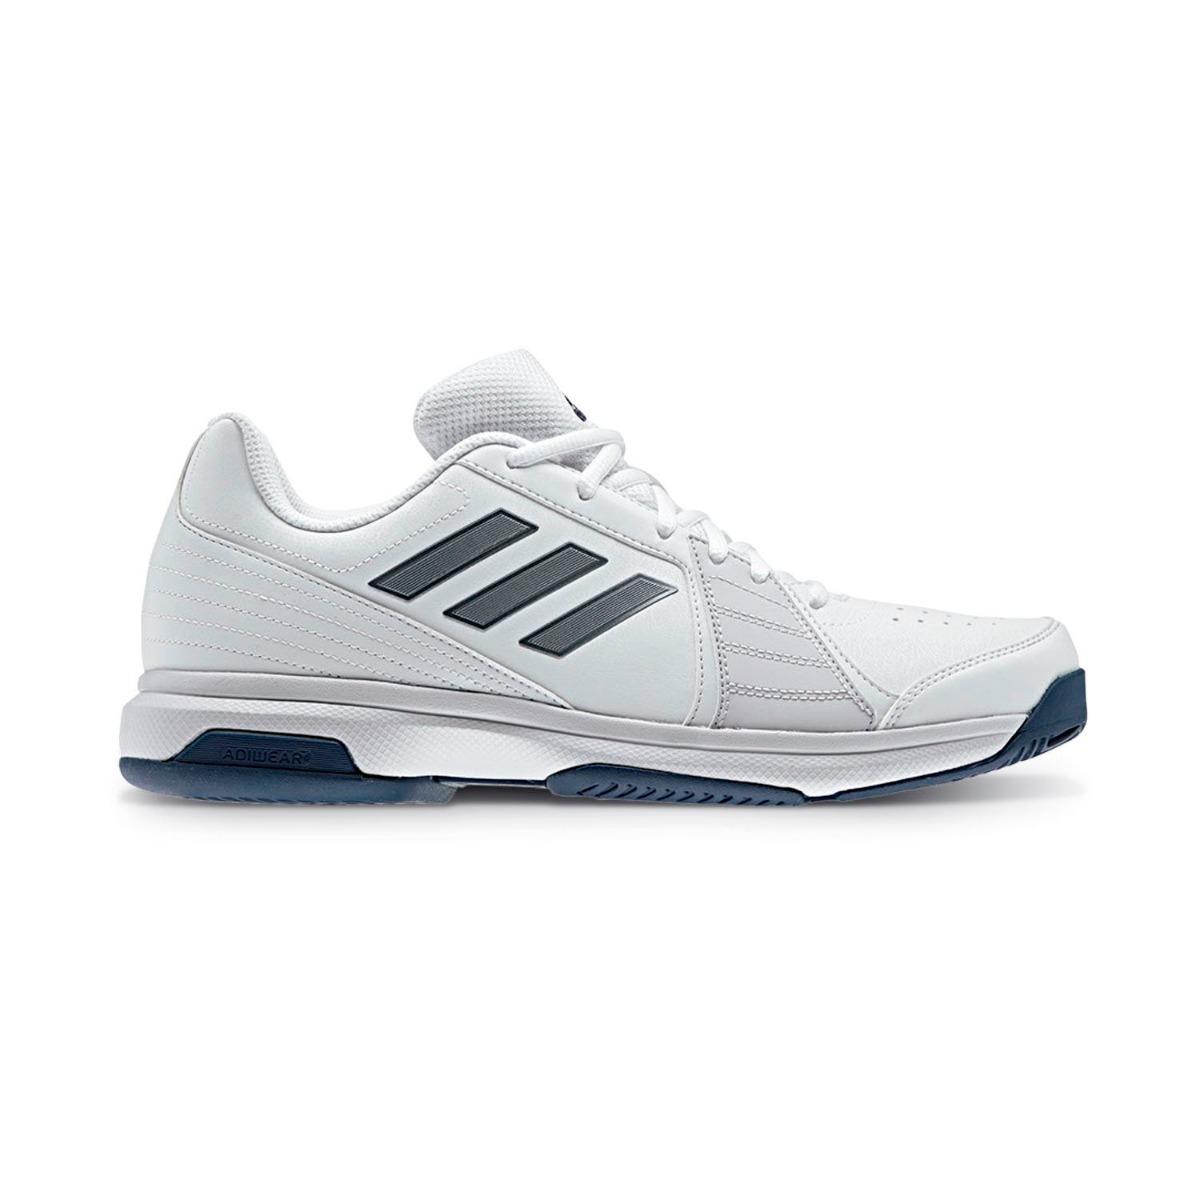 cheaper 325ac ac6cb zapatillas adidas approach hombre envio gratis. Cargando zoom.